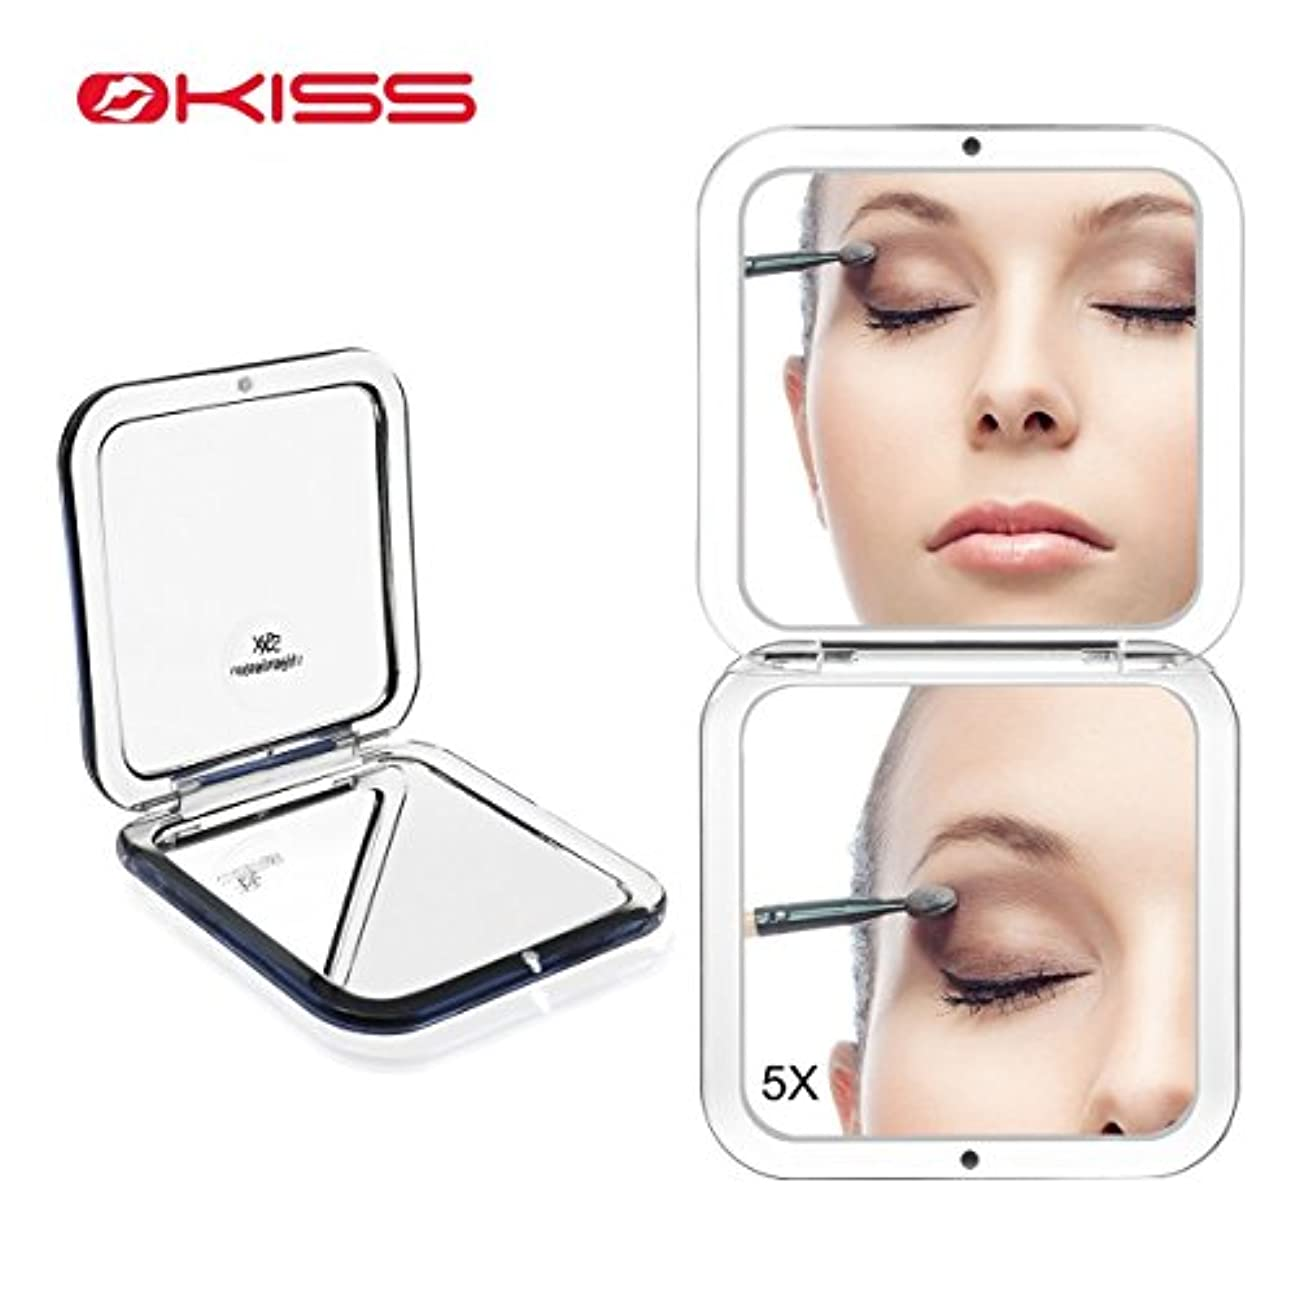 注入流体配列OKISS ハンドミラー 手鏡 メンズ コンパクトミラー 化粧鏡 ミラー 5倍拡大鏡+等倍鏡 両面 メンズ 携帯ミラー 折りたたみ おしゃれ 外出 持ち運び便利